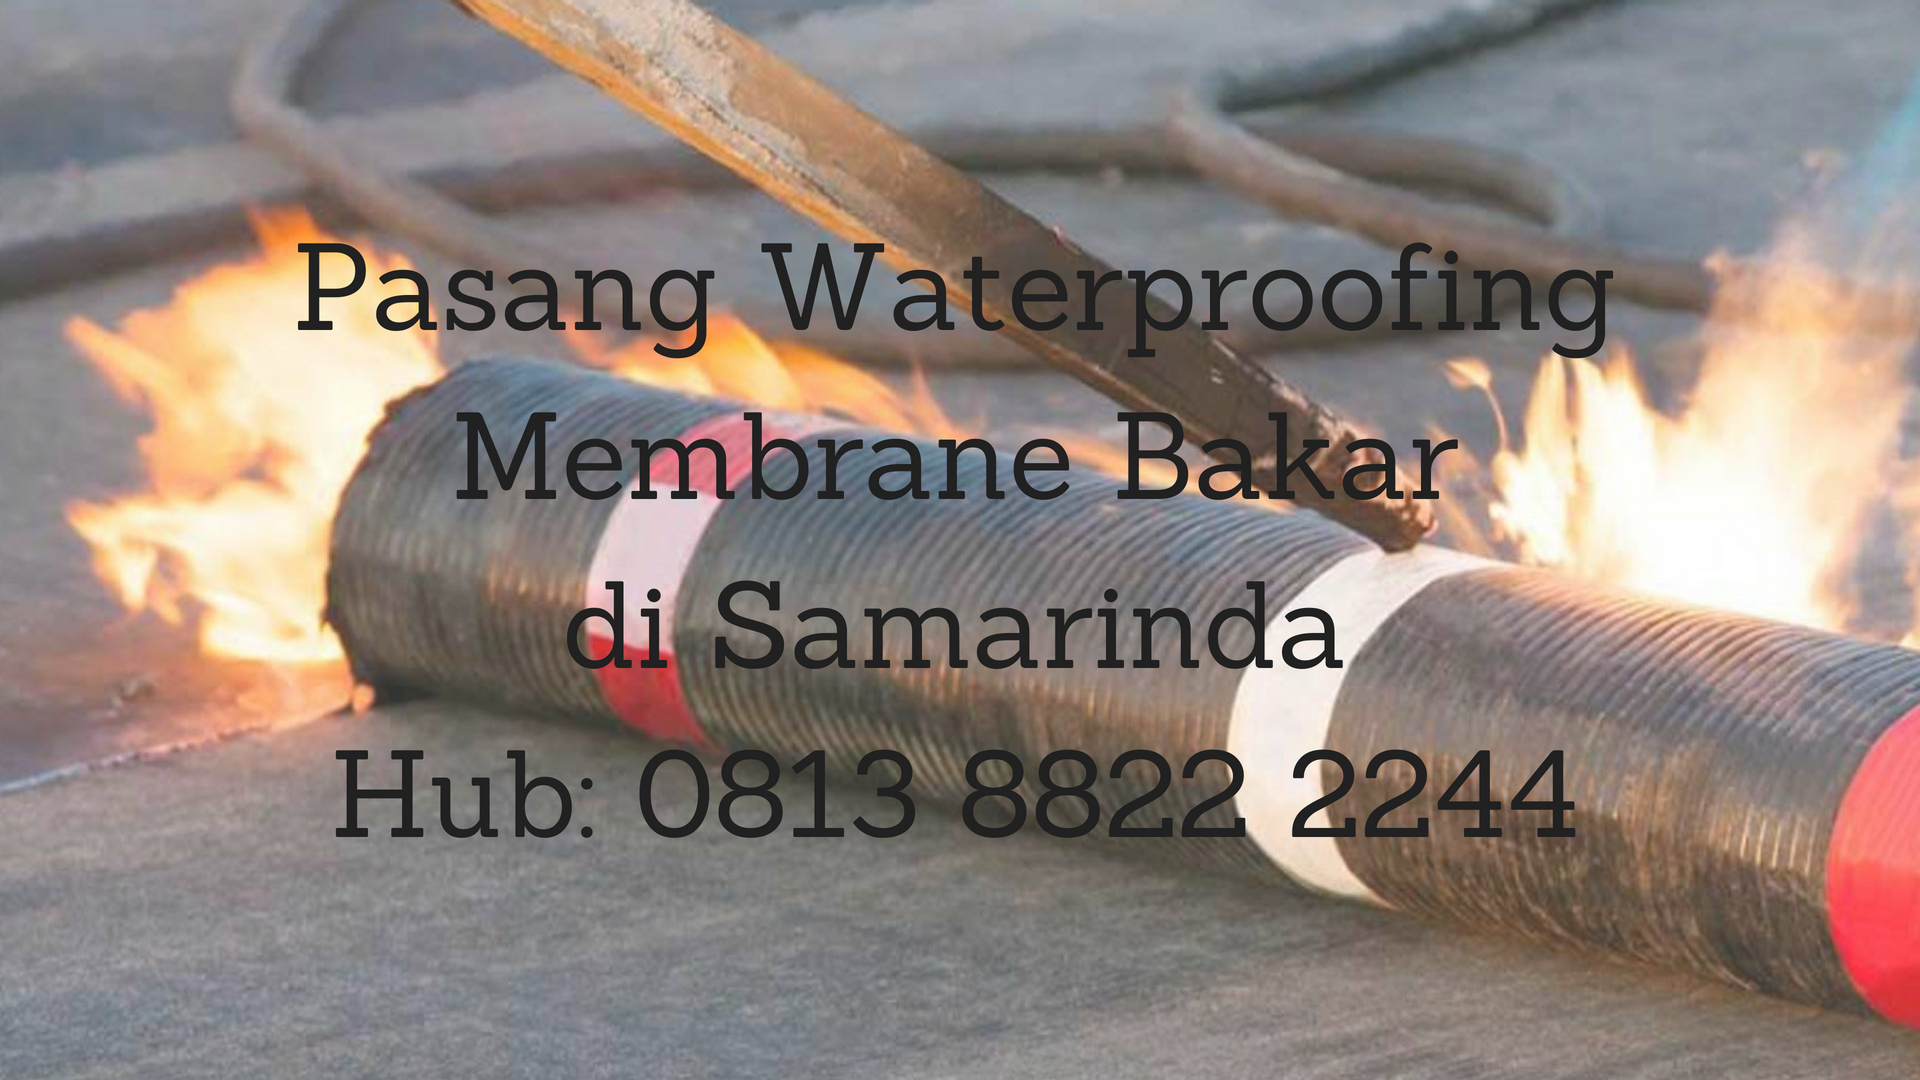 PASANG WATERPROOFING MEMBRANE BAKAR DI SAMARINDA. HUB : 0813 8822 2244